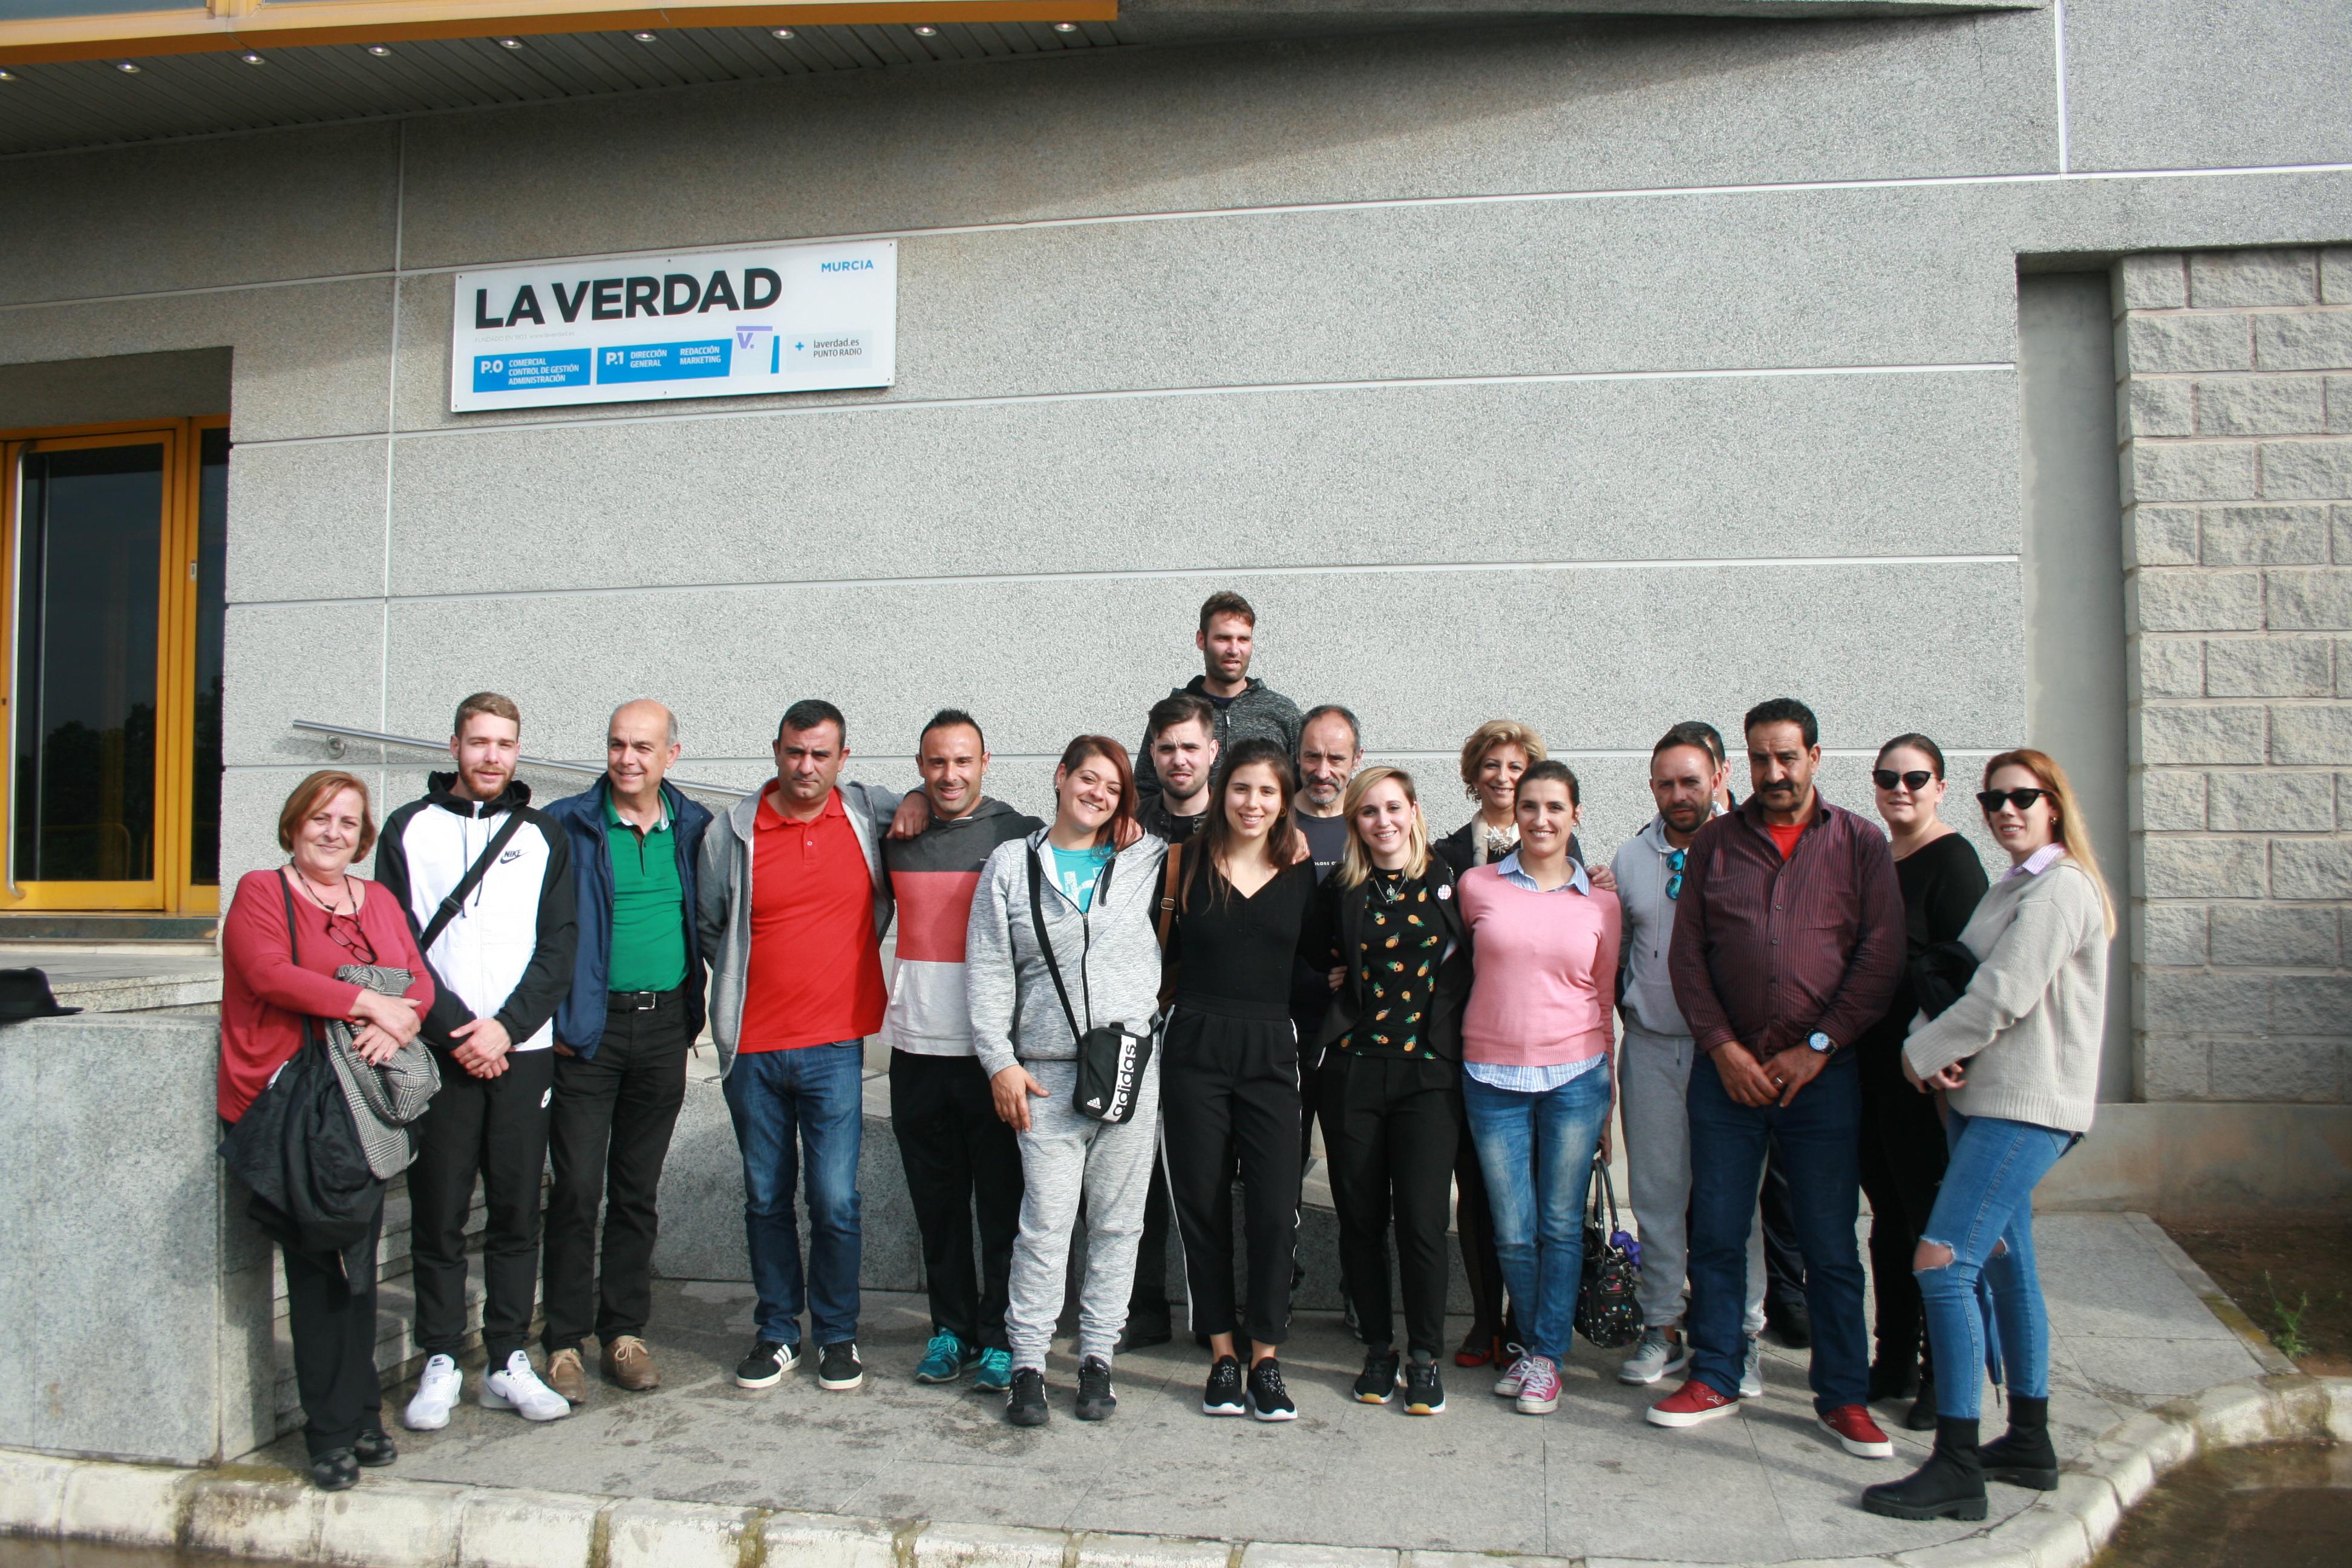 Murcia La VERDAD cis